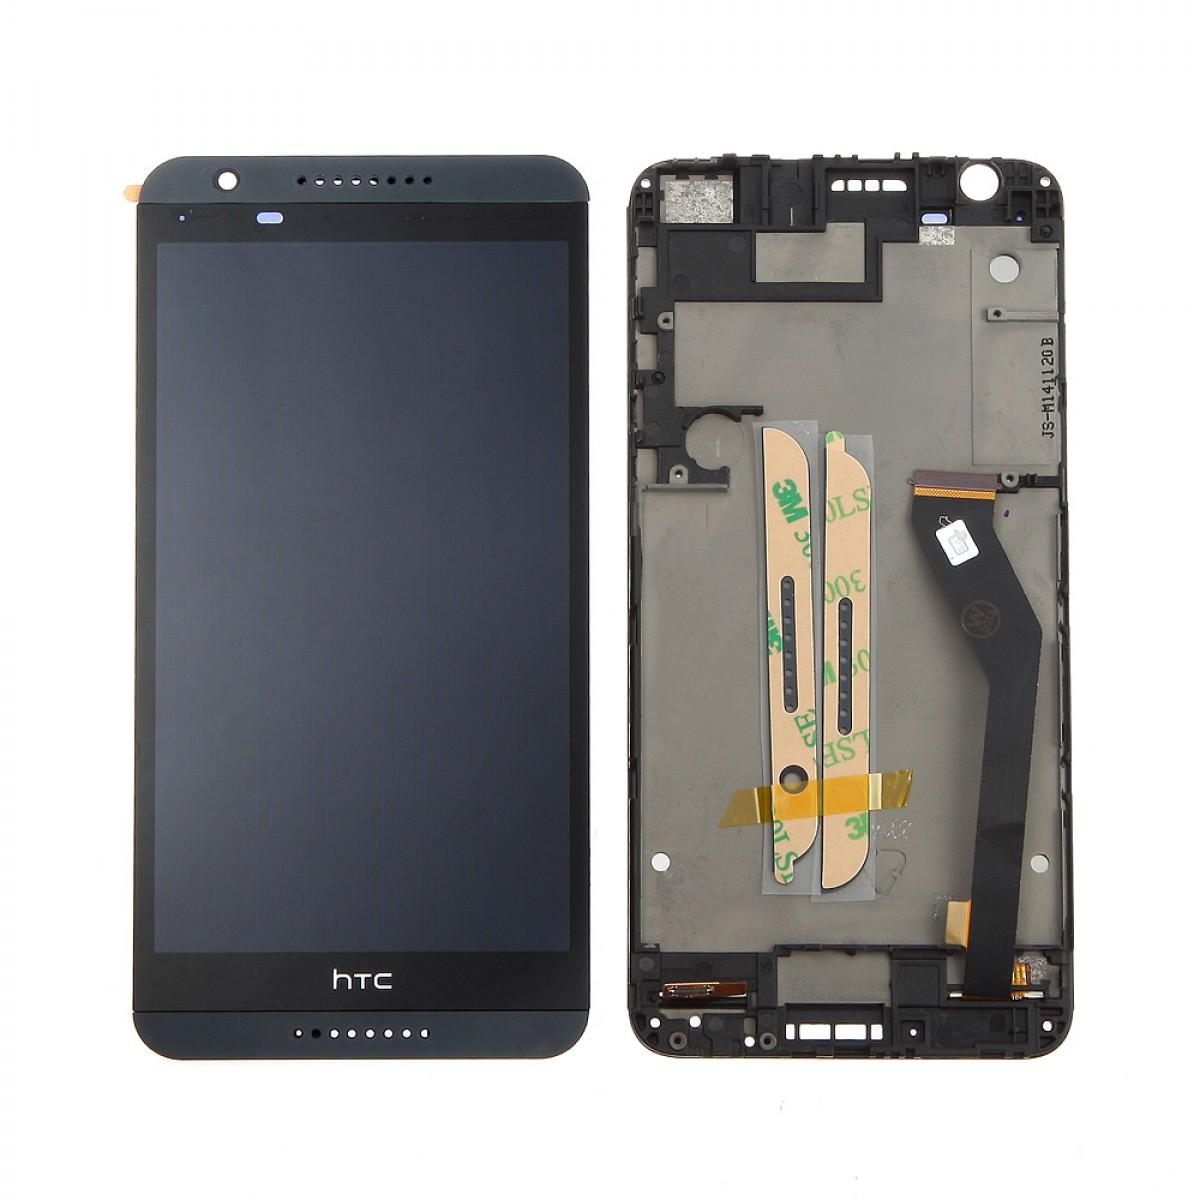 Cran complet htc desire 820 noir achat en ligne sur lcd for Photo ecran htc